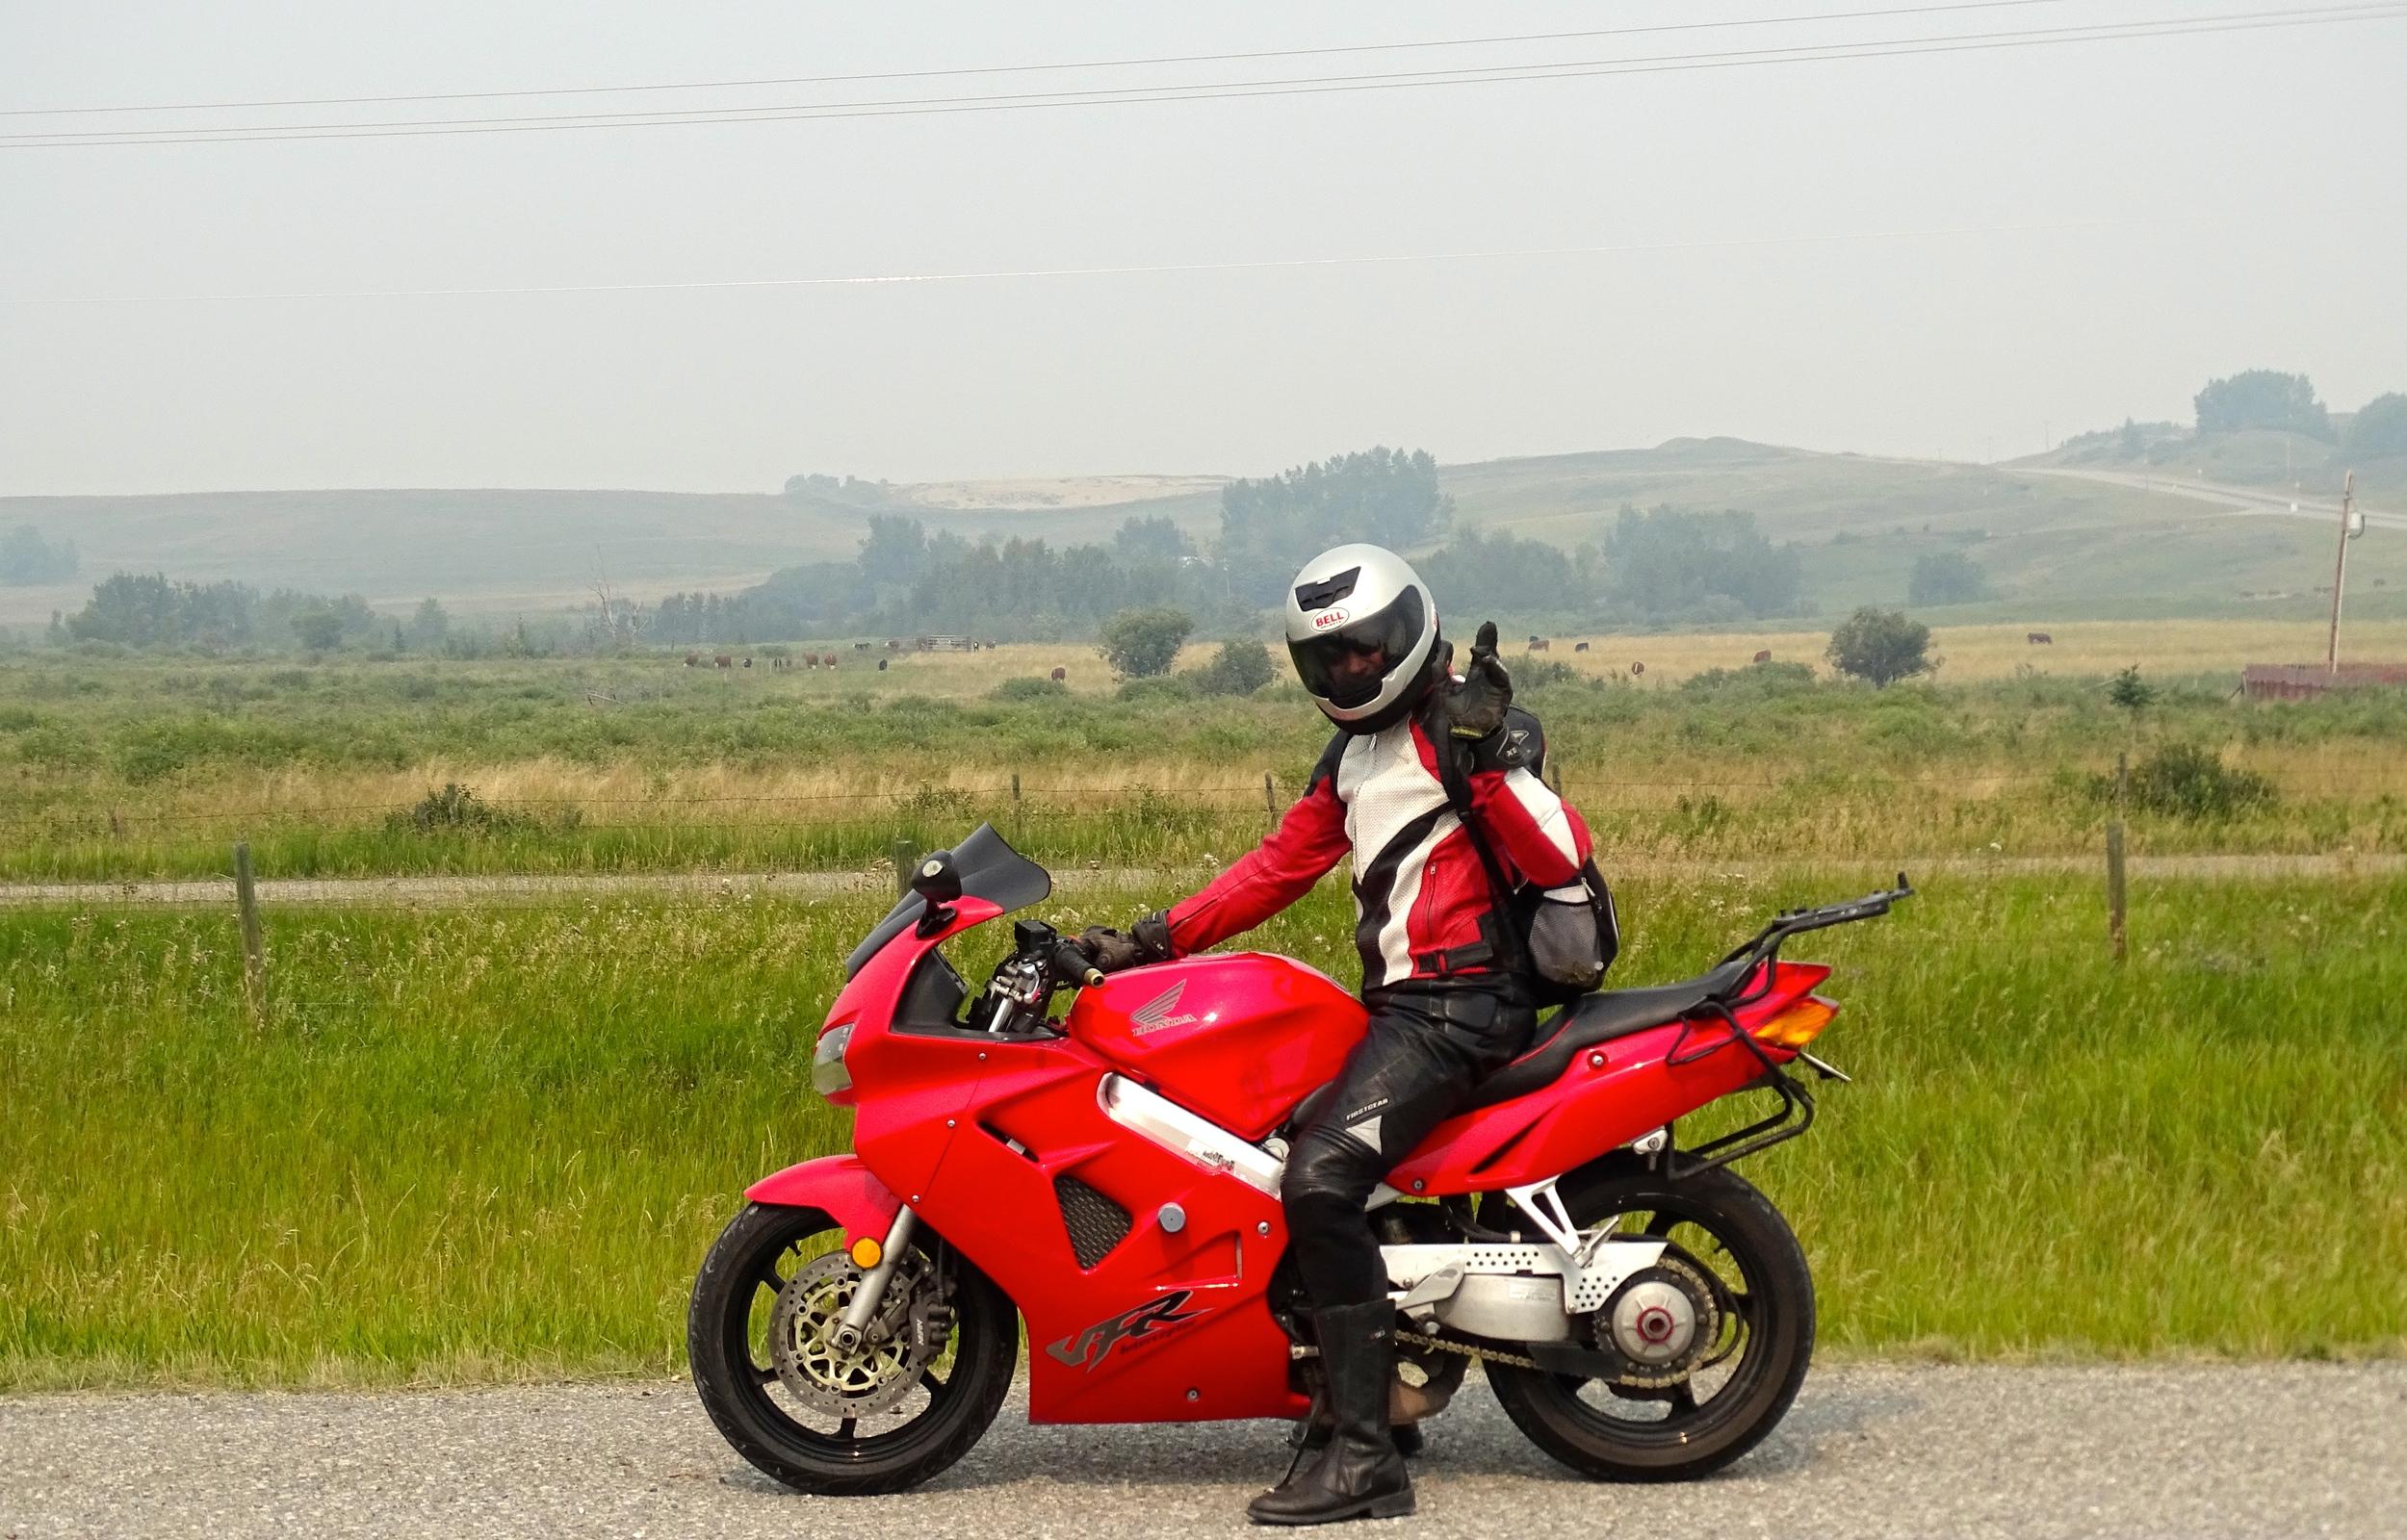 Loni on his bike.